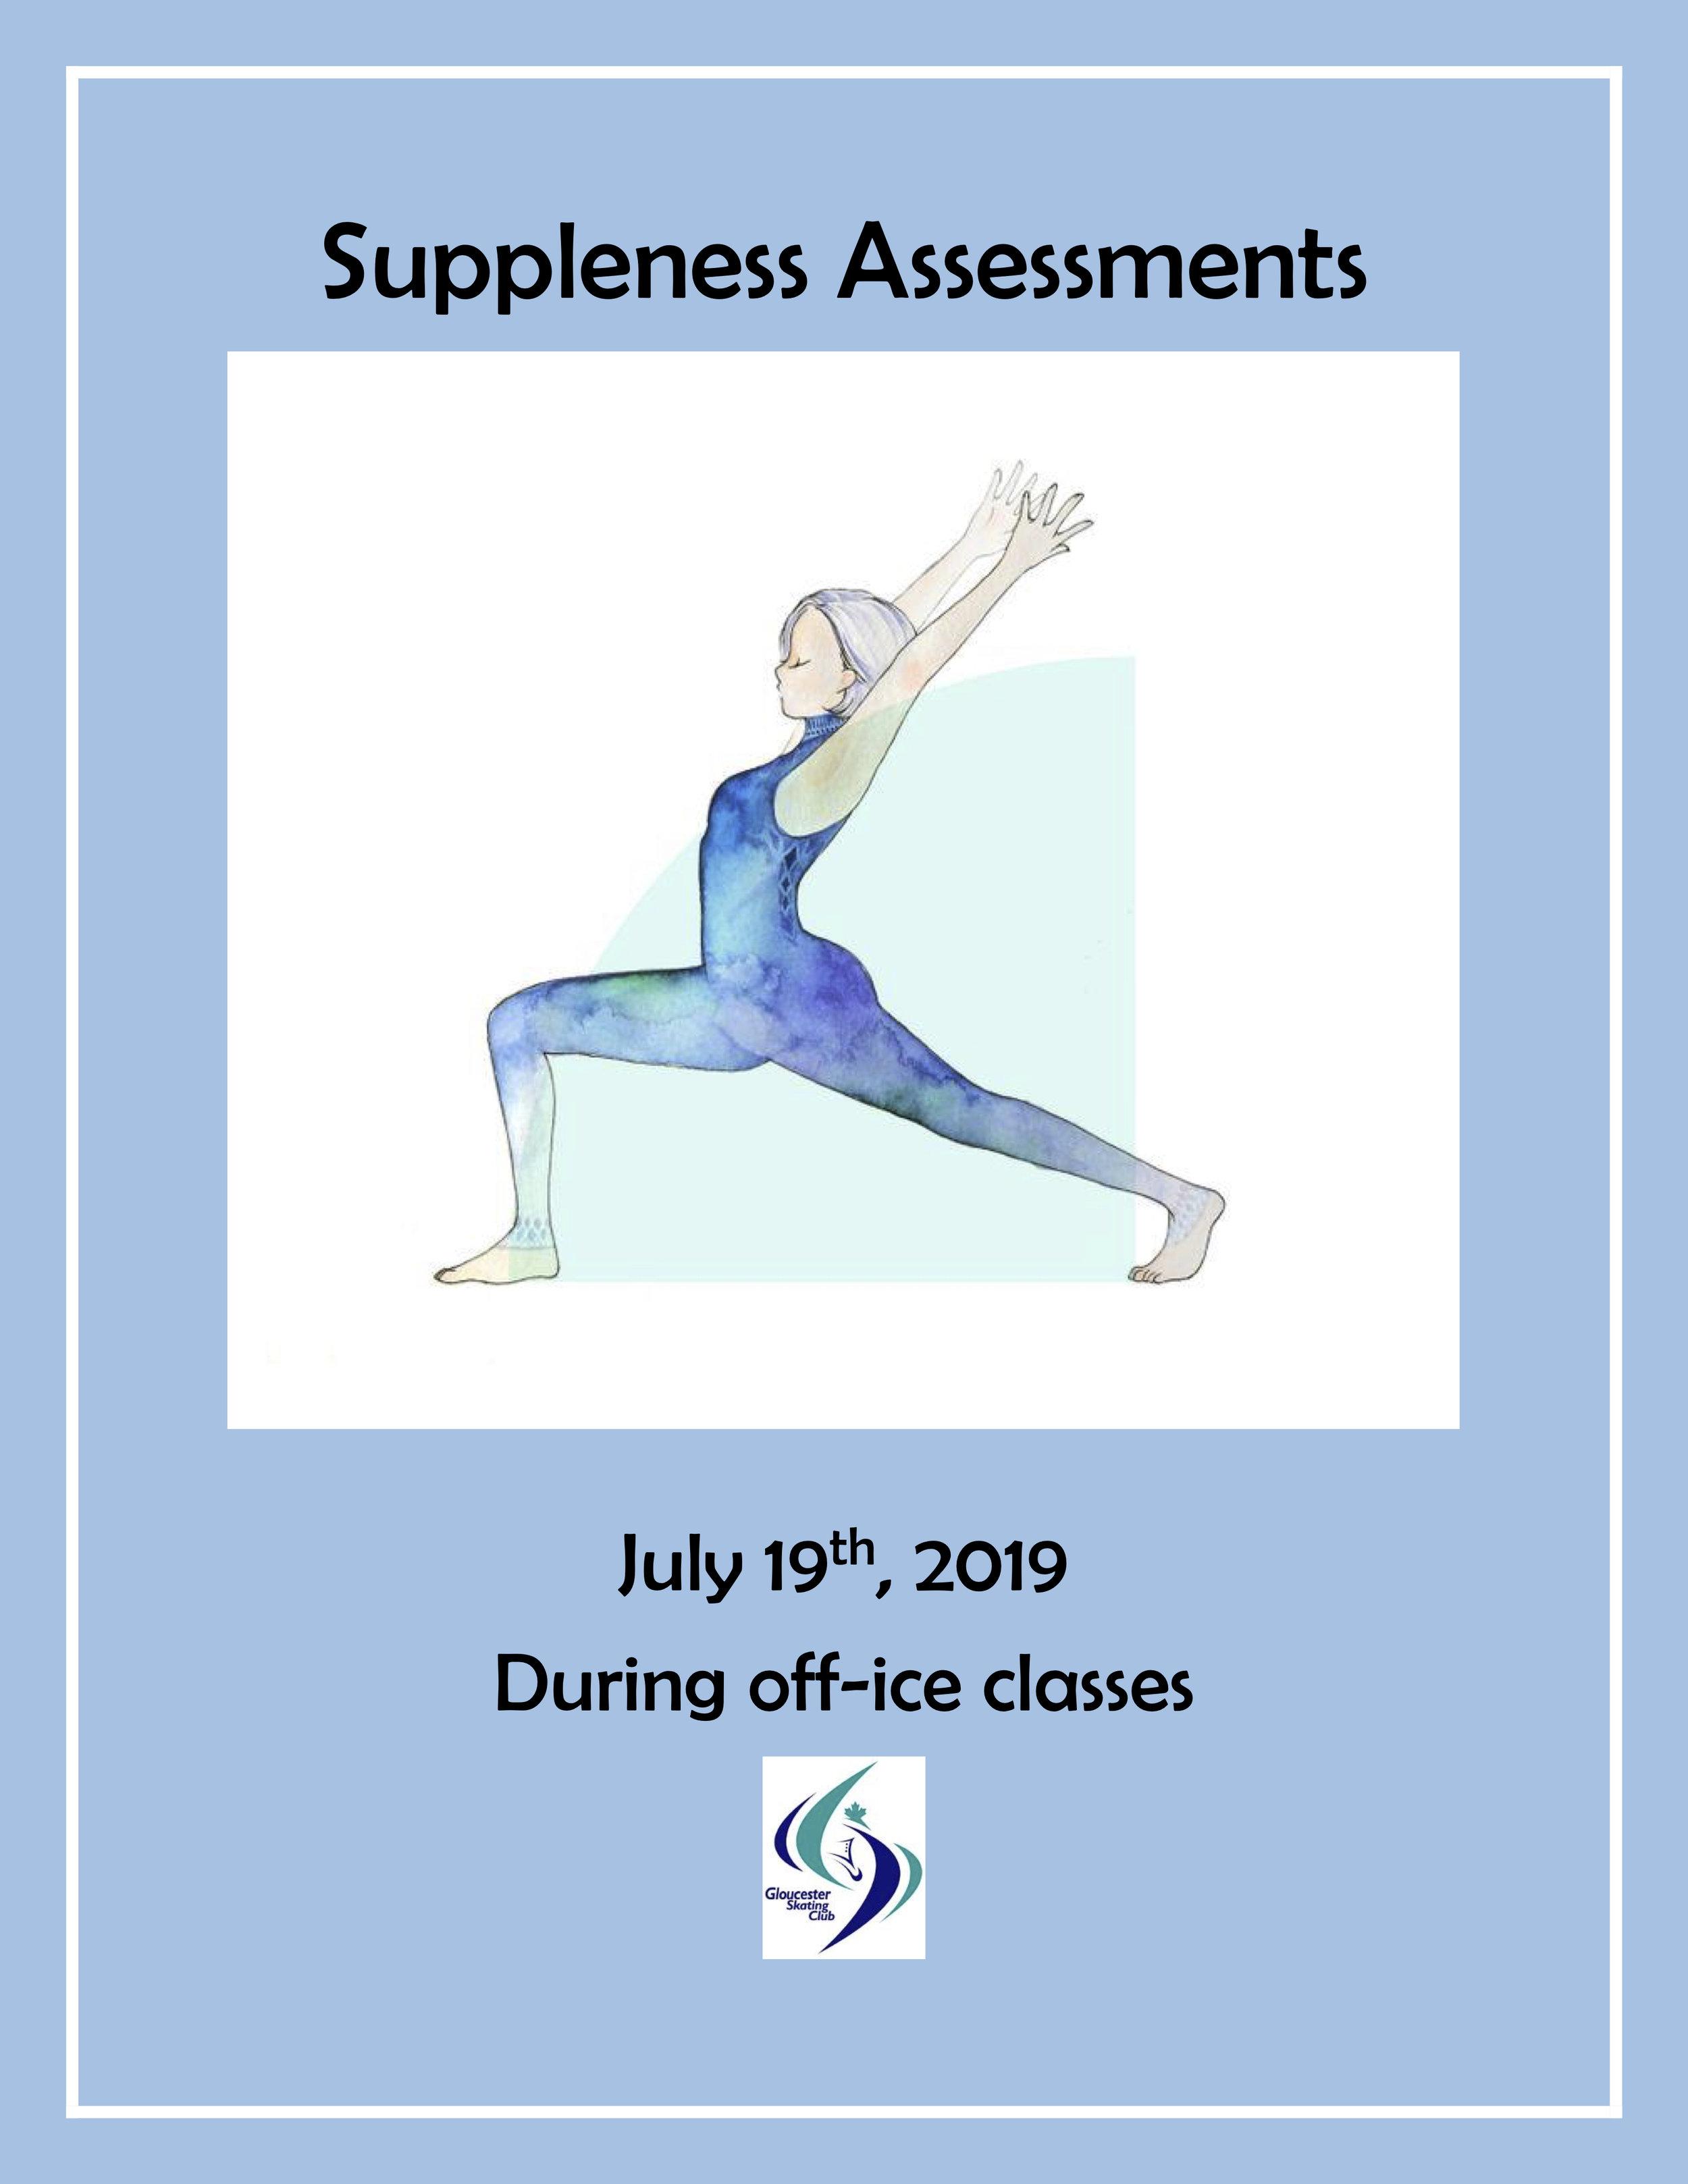 Suppleness Assessments.jpg